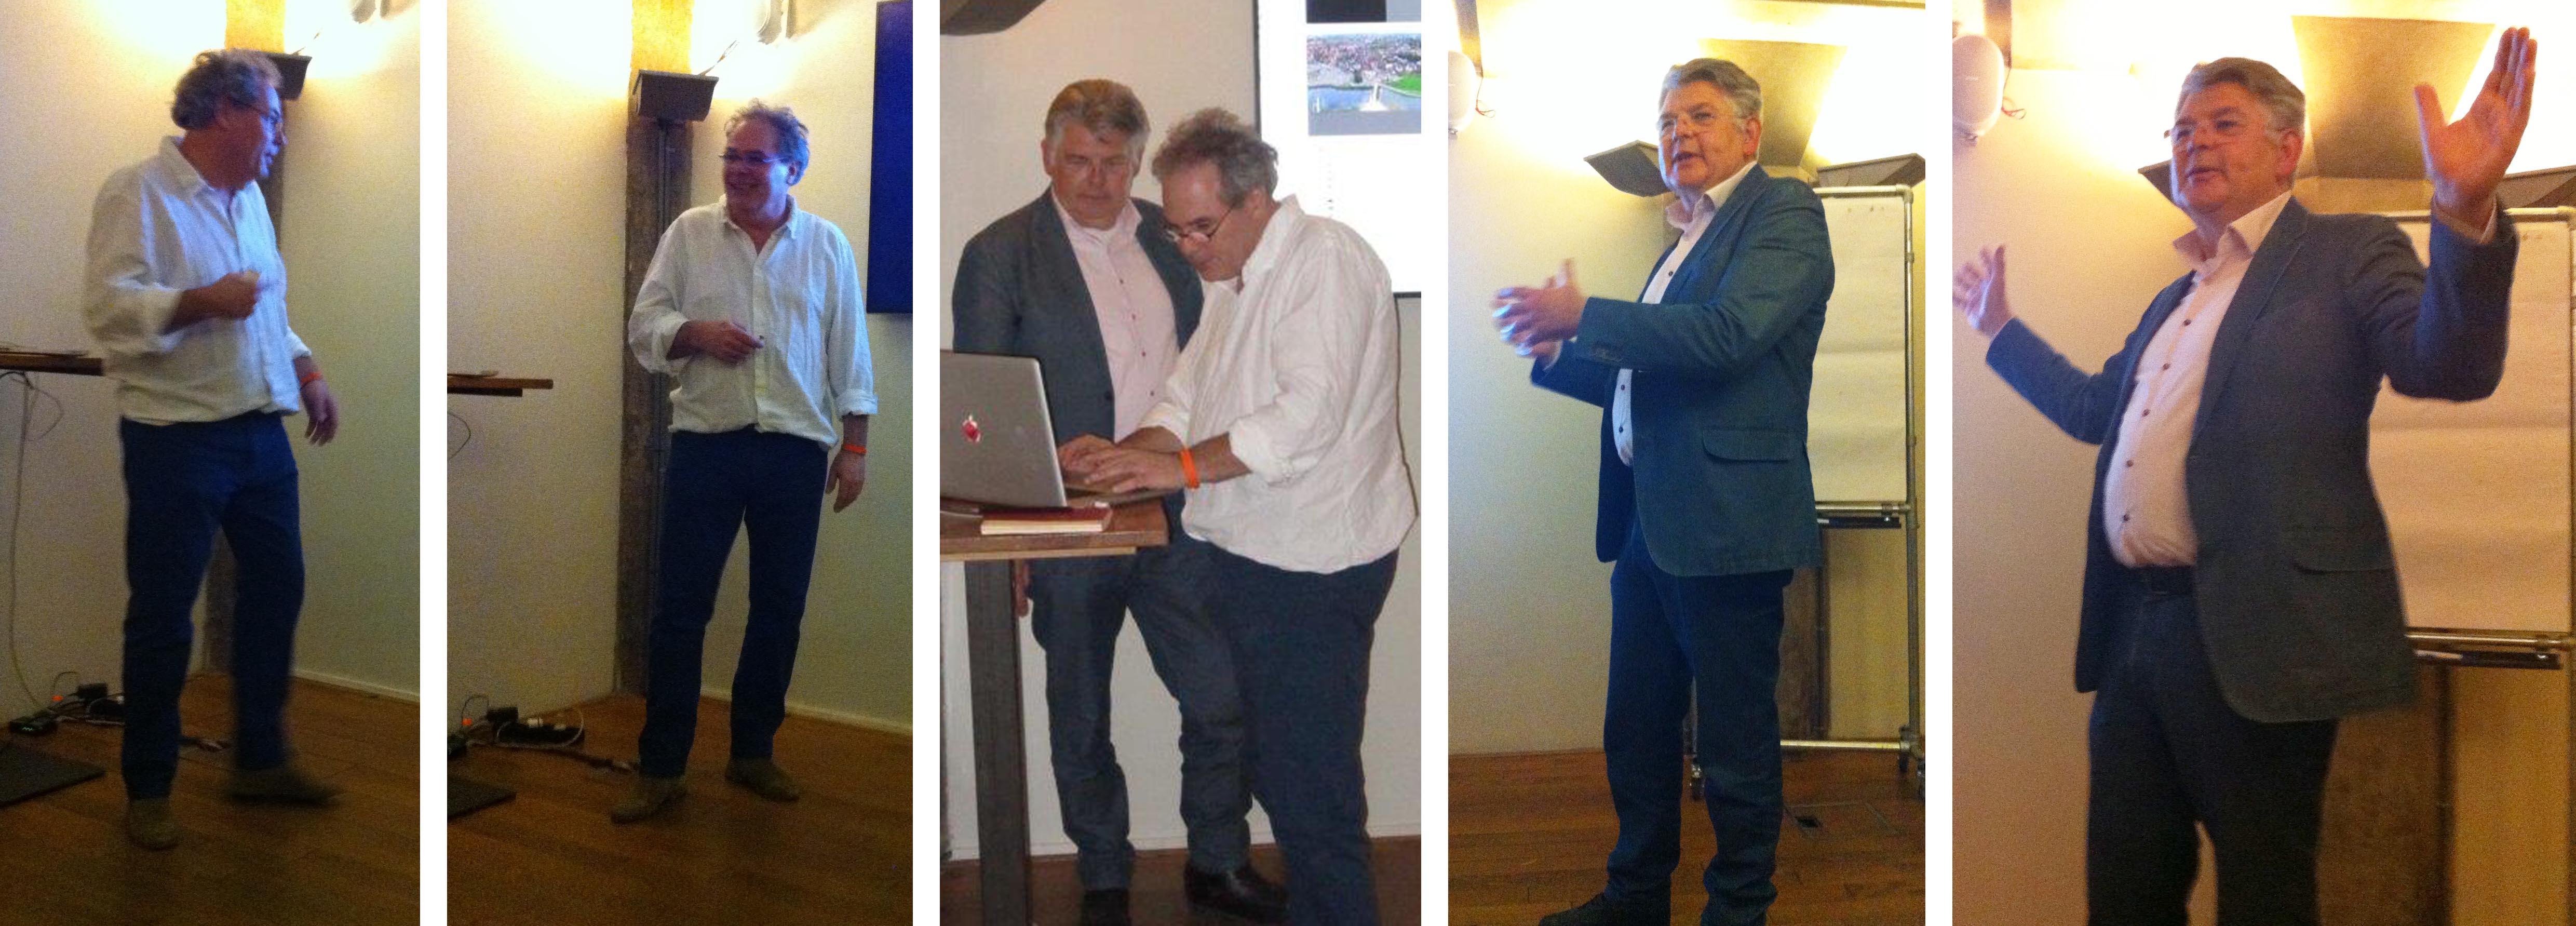 vlnr. Hilbert Kamphuisen en Jan Simons tijdens de Taal Voorbij #29 in Pakhuis de Zwijger